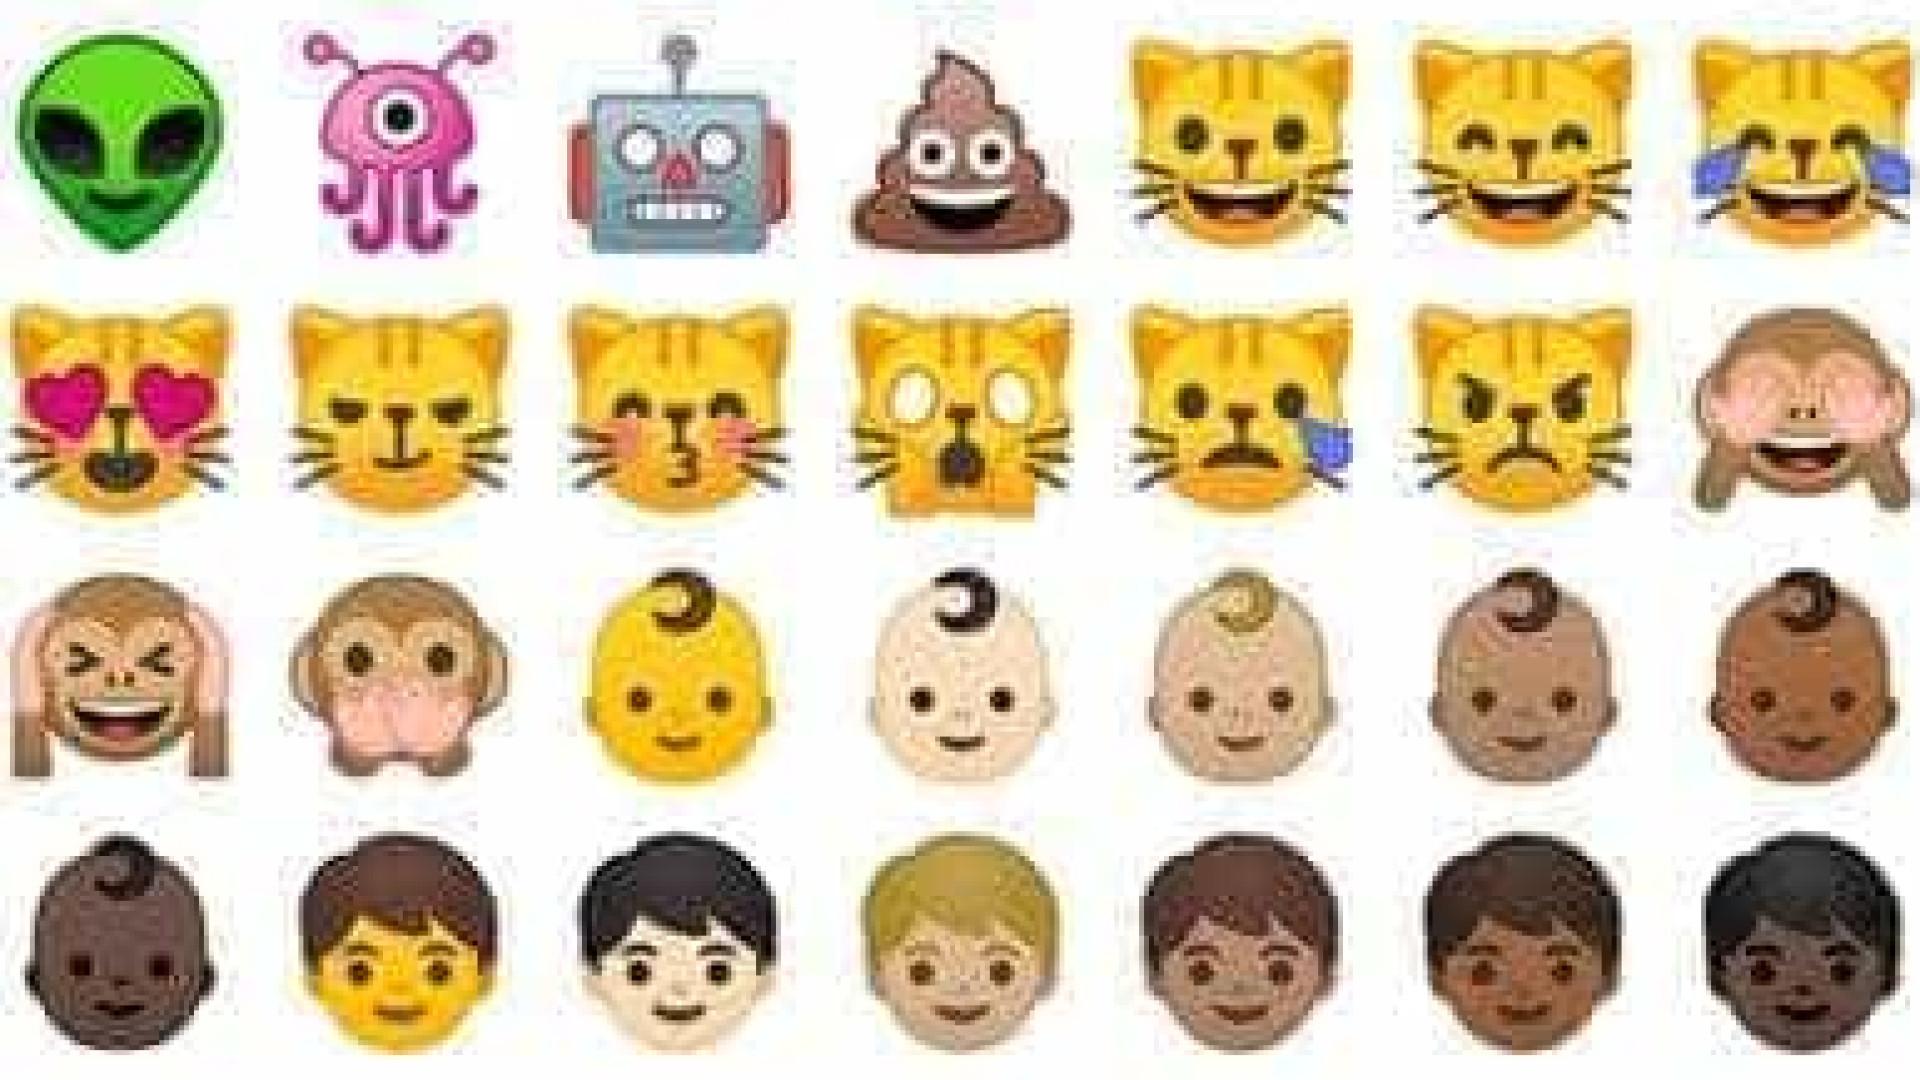 Novo sistema Android, Oreo apresenta emojis inéditos